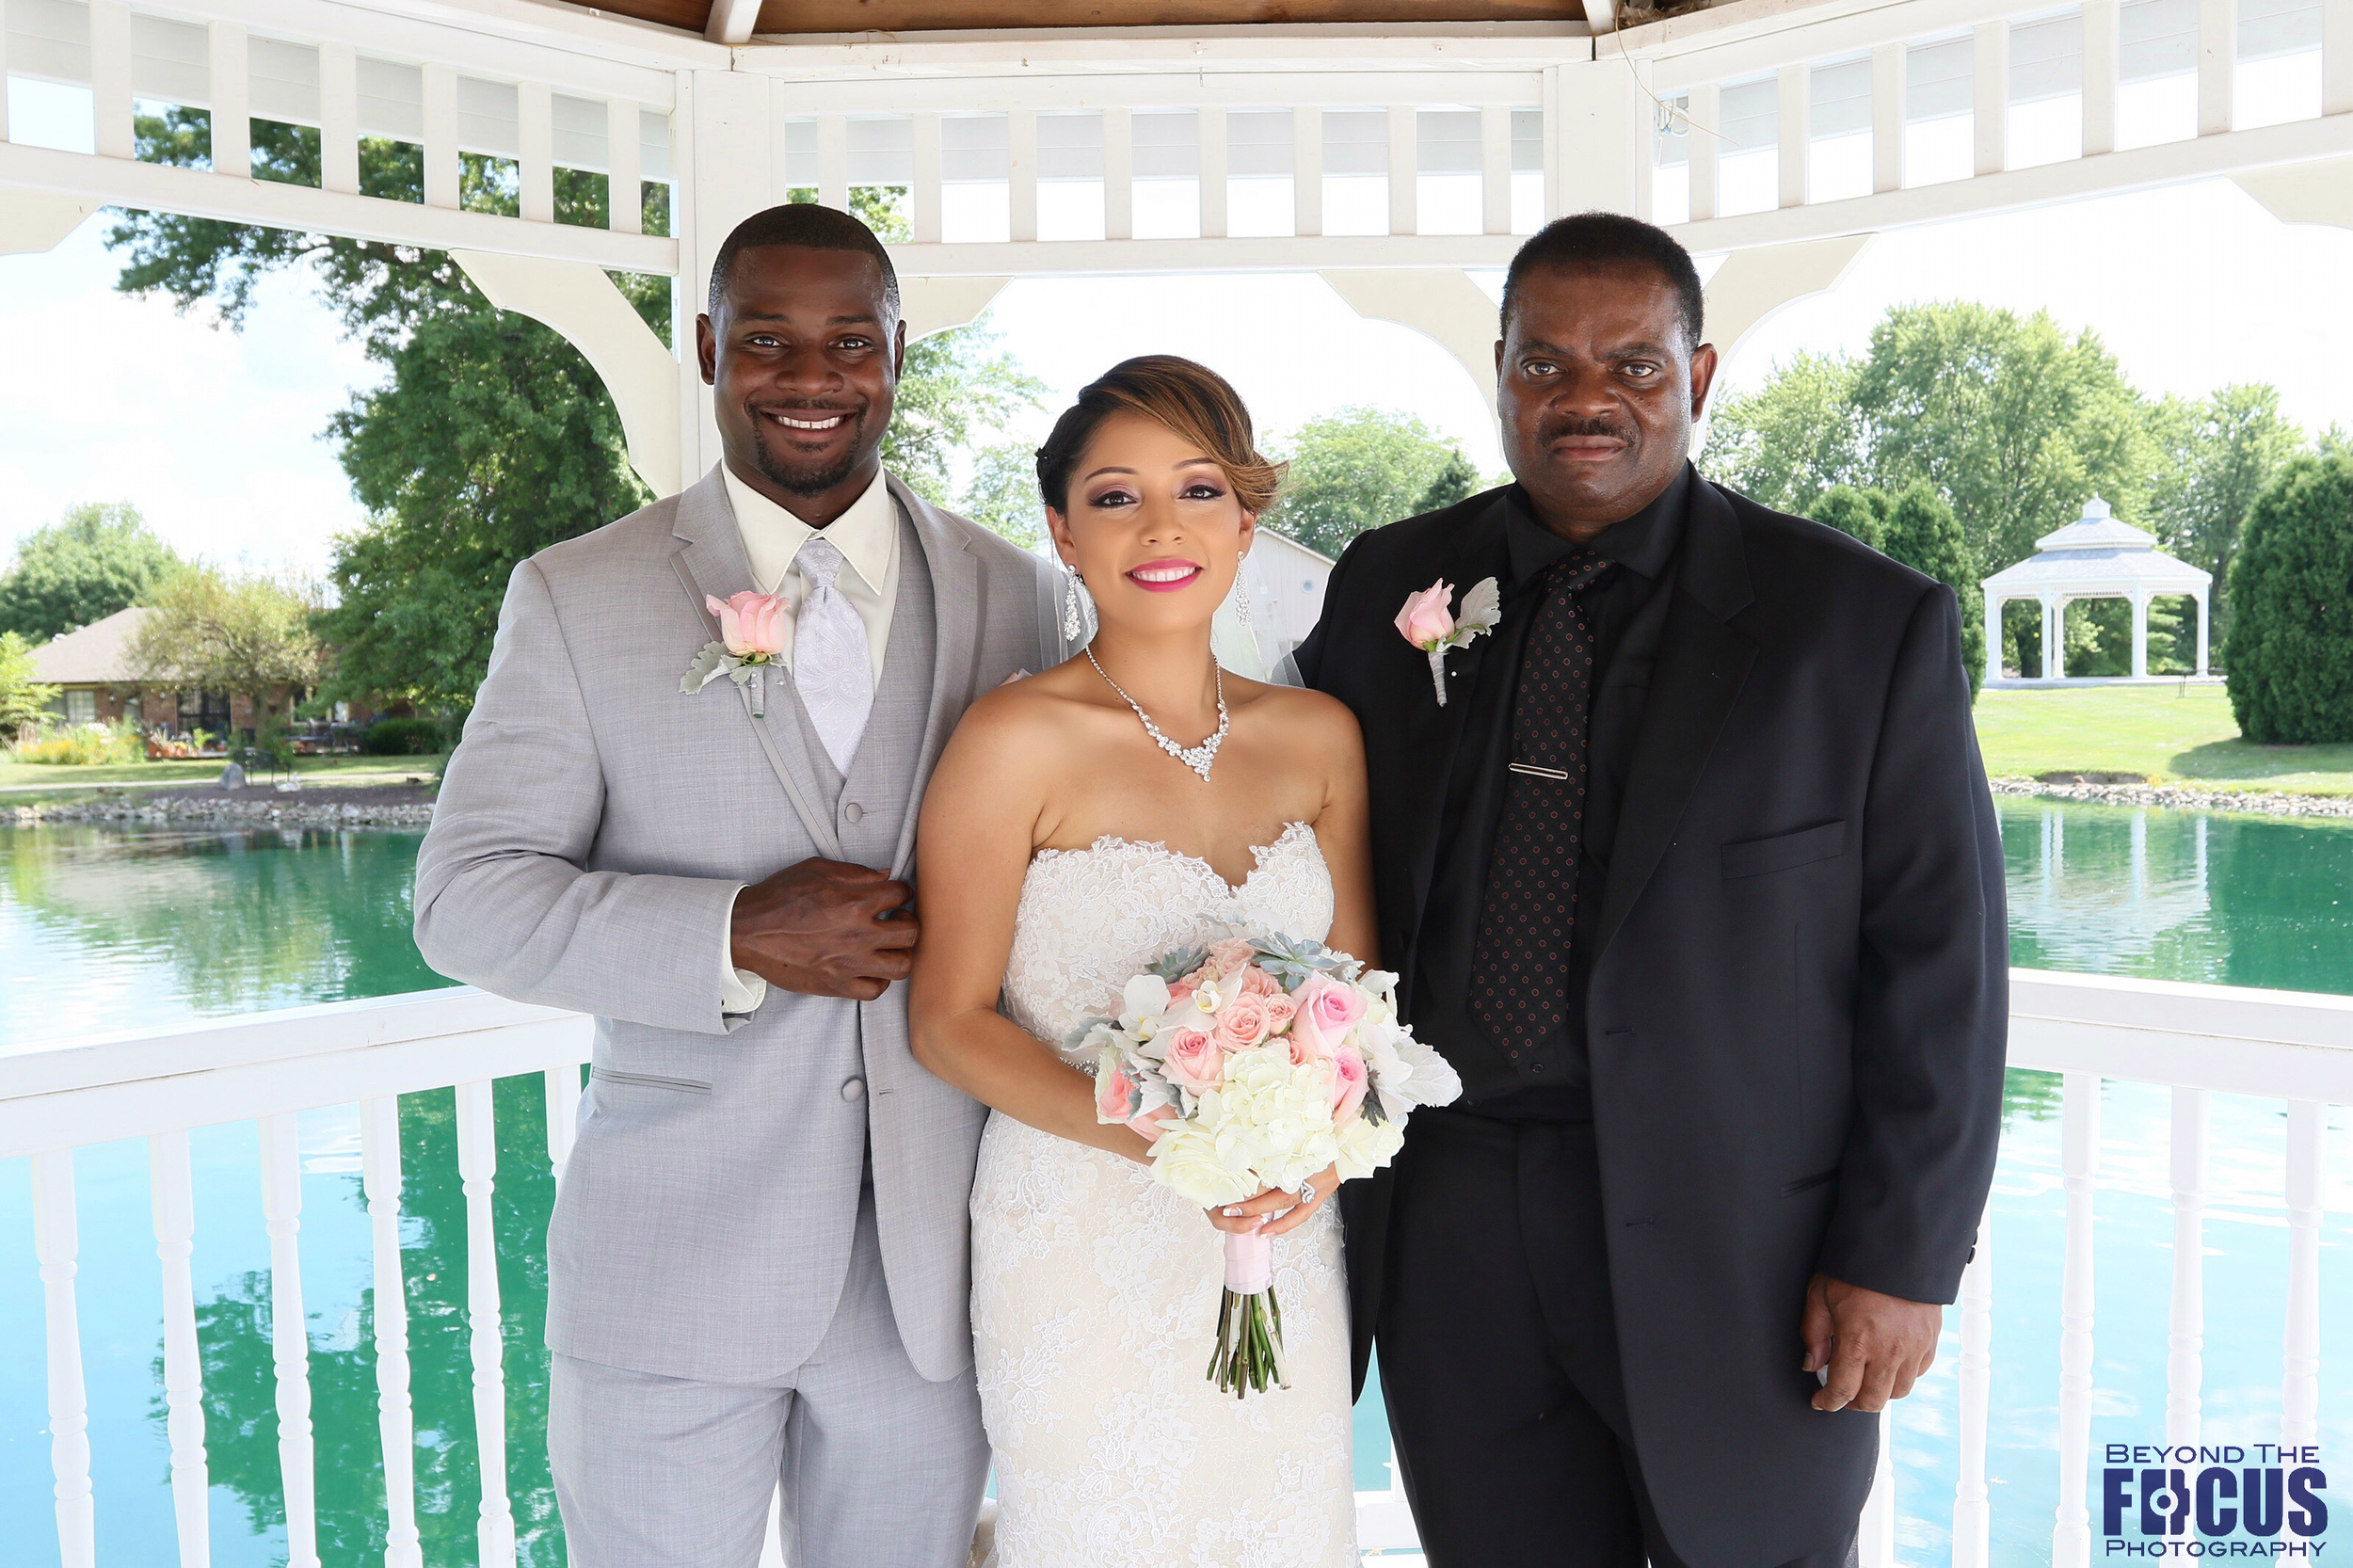 Palmer Wedding - Wedding Party10.jpg